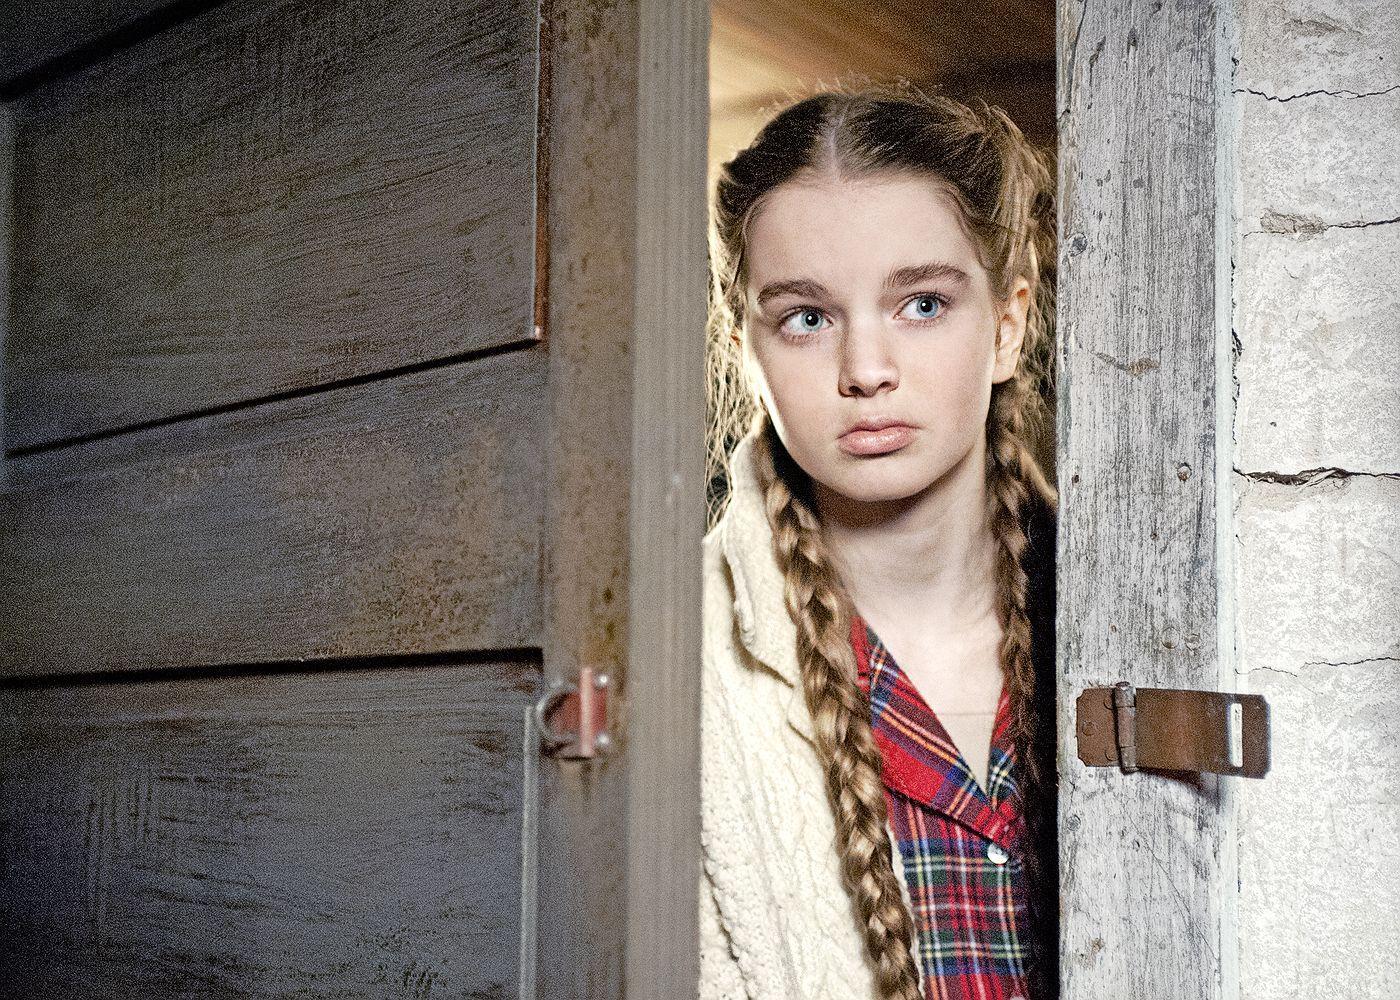 Filmrecensie 'Hunter hunter': Stille dreiging eindigt extreem bloederig